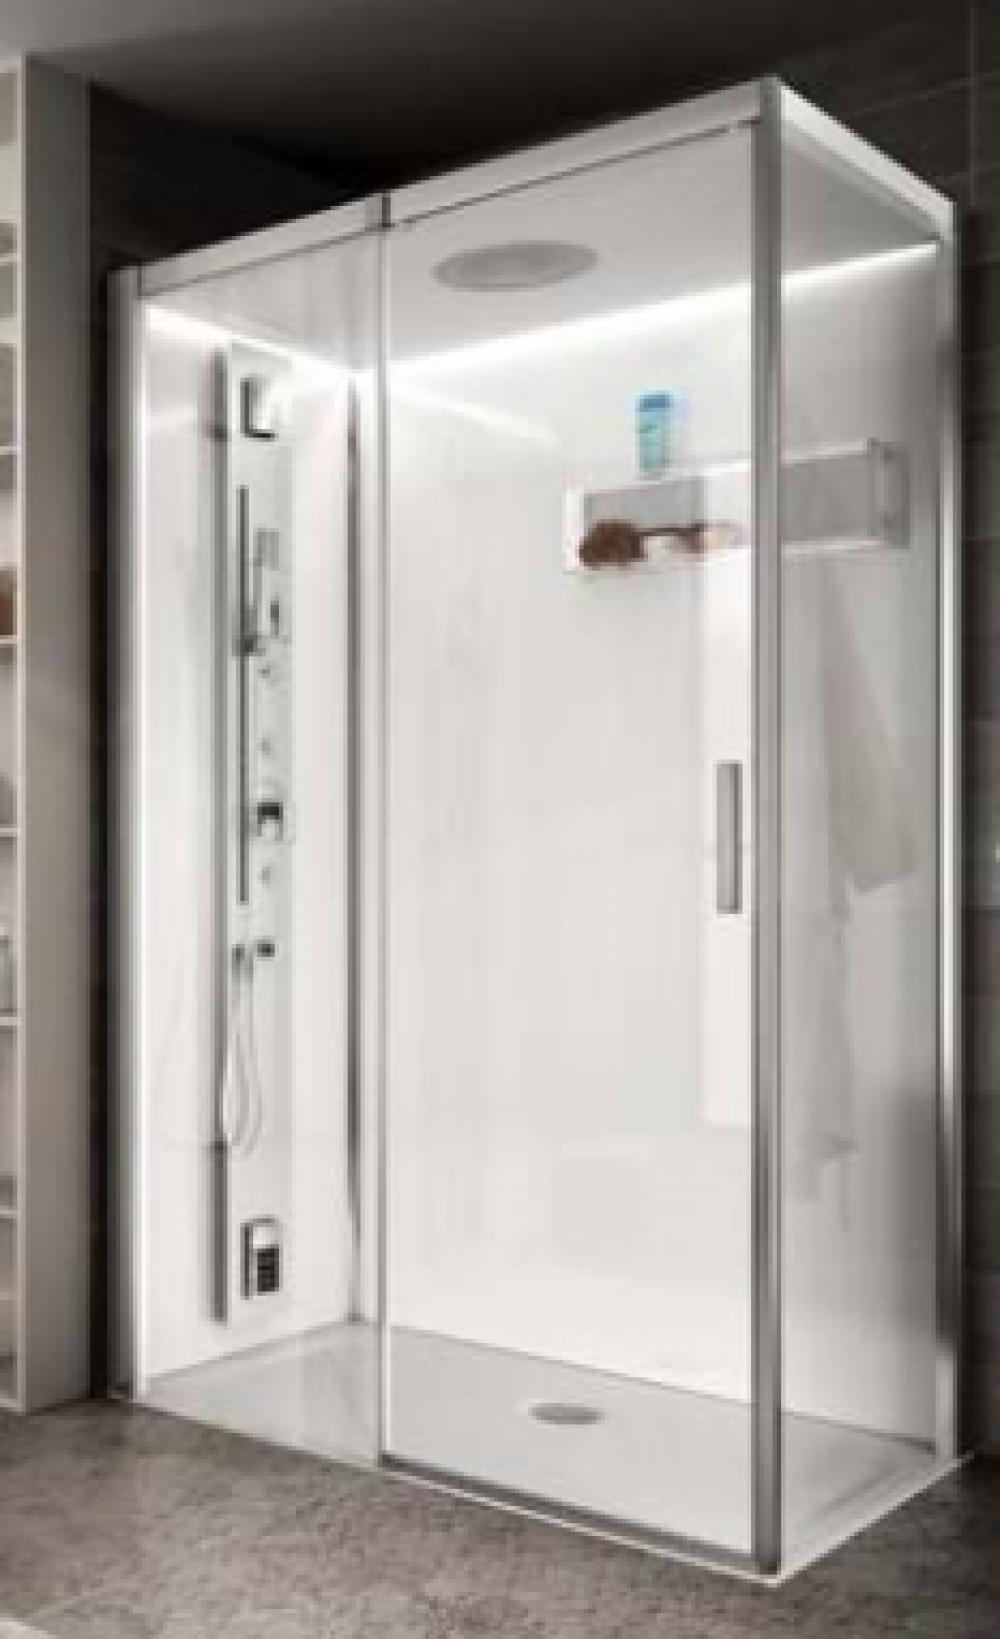 Teuco doccia duravit showers image copyright duravit - Cabina doccia teuco prezzi ...